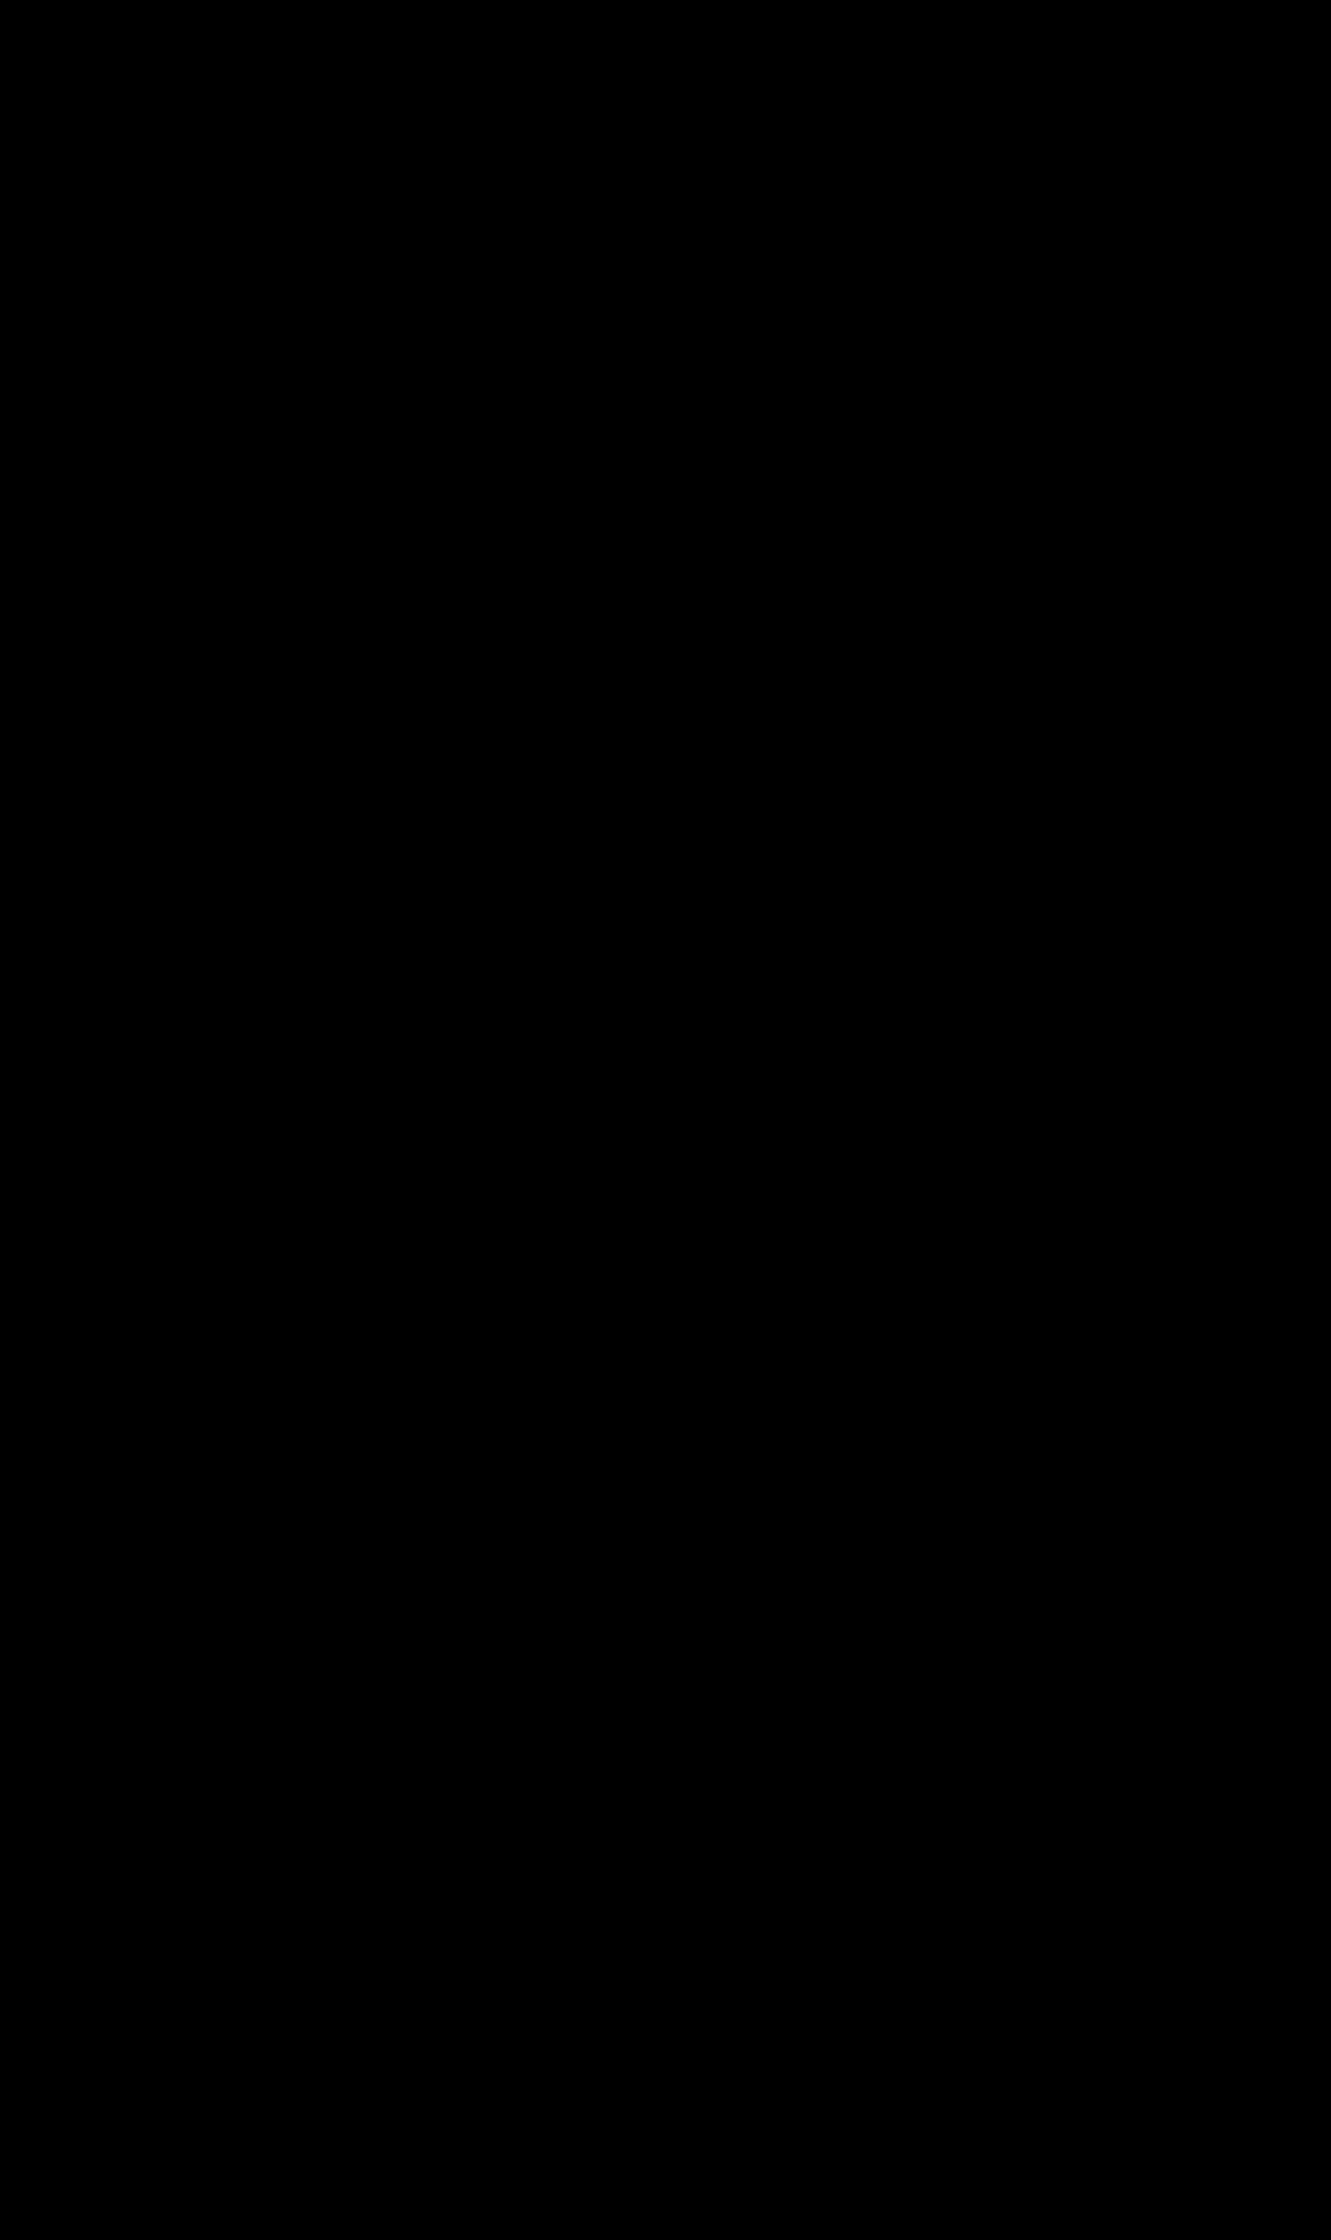 Chinesische Deckelvasen in mittlerer Größe